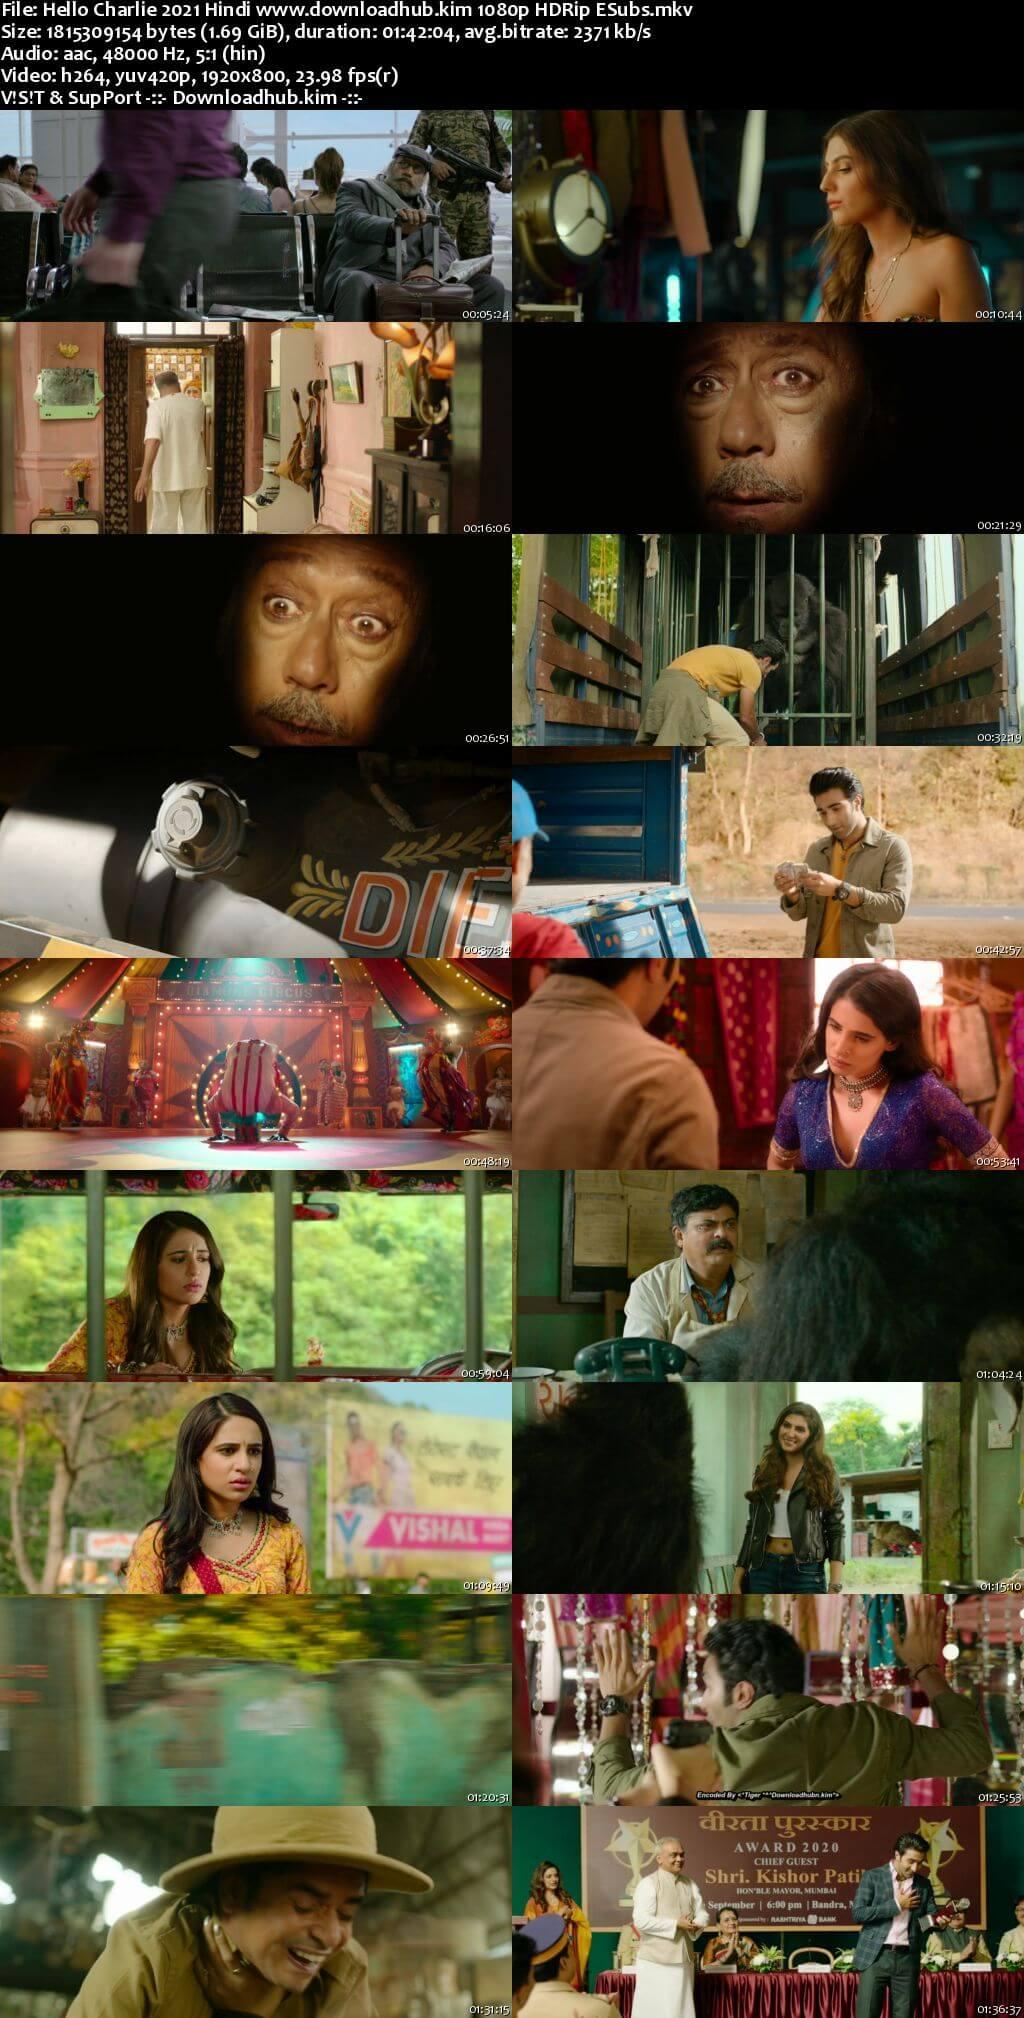 Hello Charlie 2021 Hindi 1080p HDRip ESubs